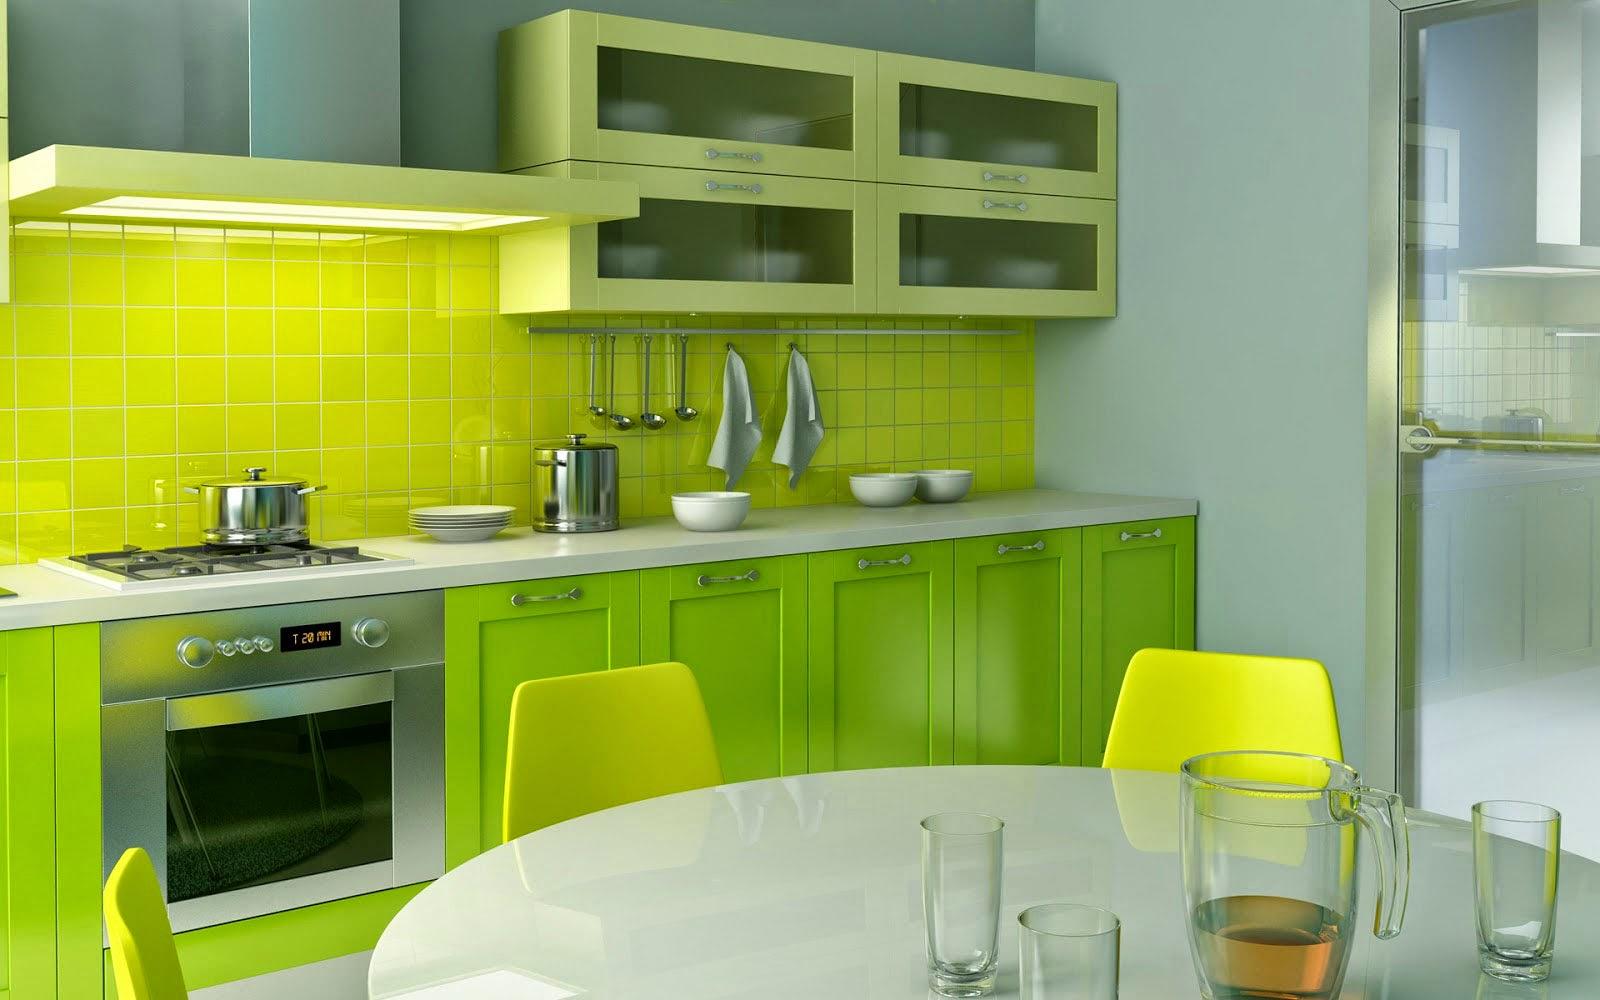 Design-kitchen-Minimalist